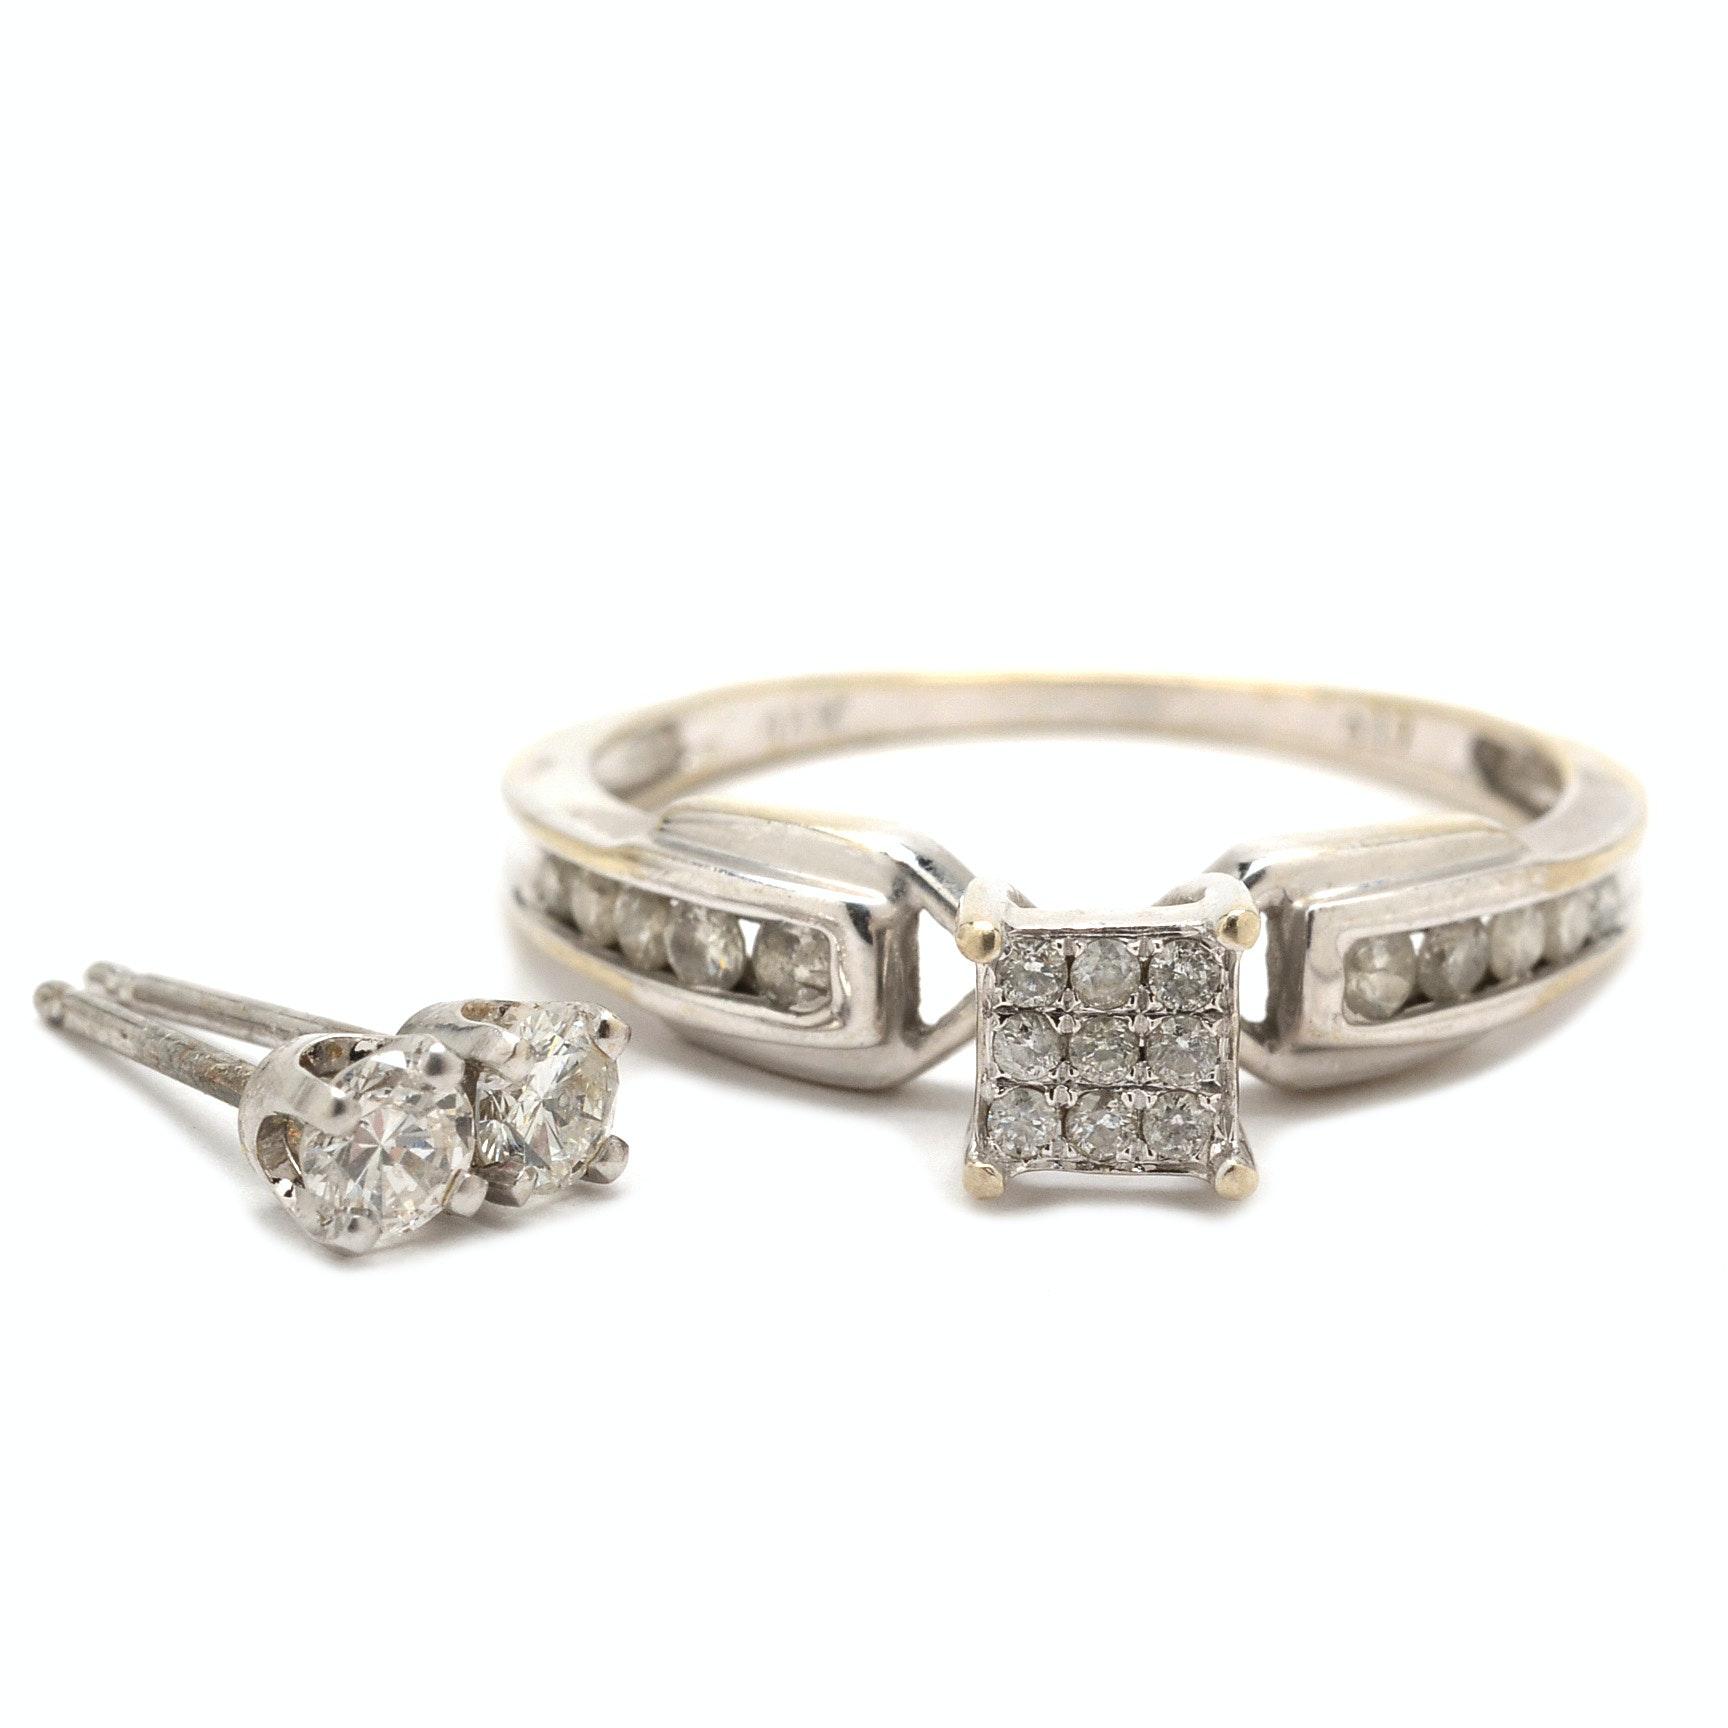 14K White Gold Diamond Ring and Earrings